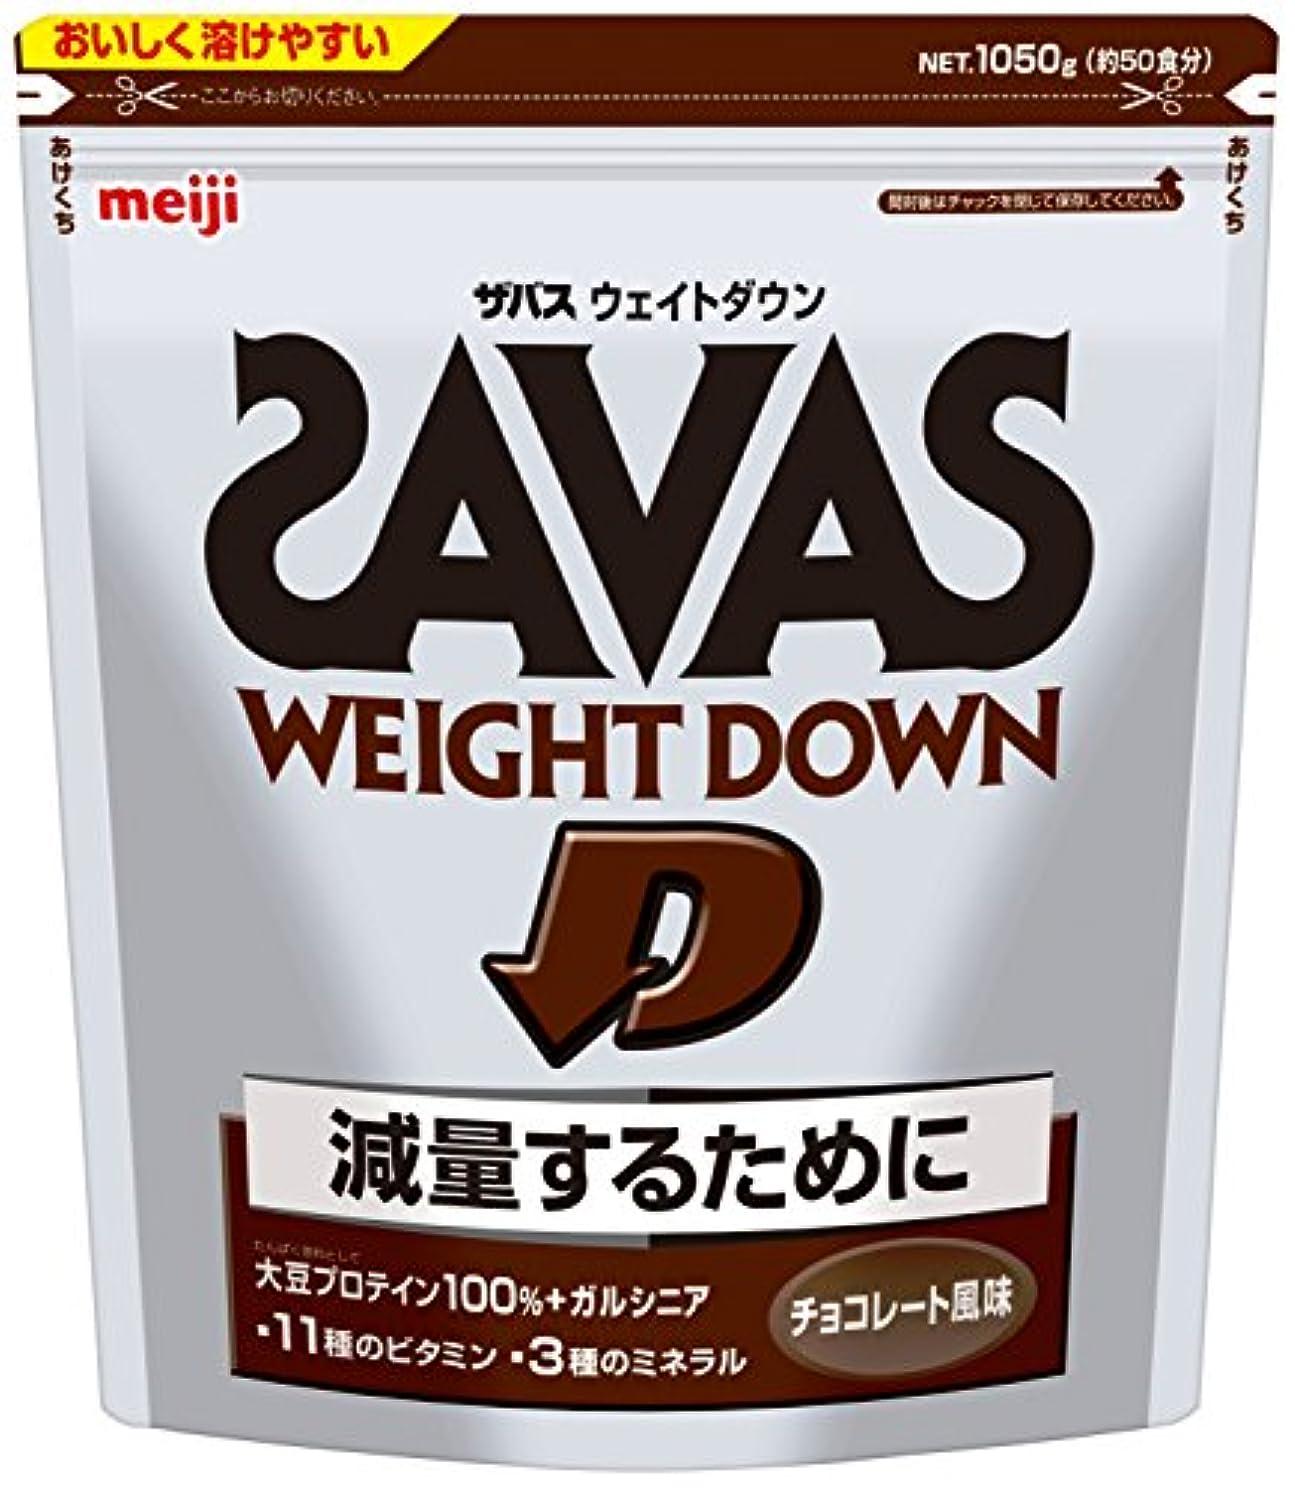 ゴム野望デコラティブザバス(SAVAS) ウェイトダウン チョコレート風味【50食分】 1,050g